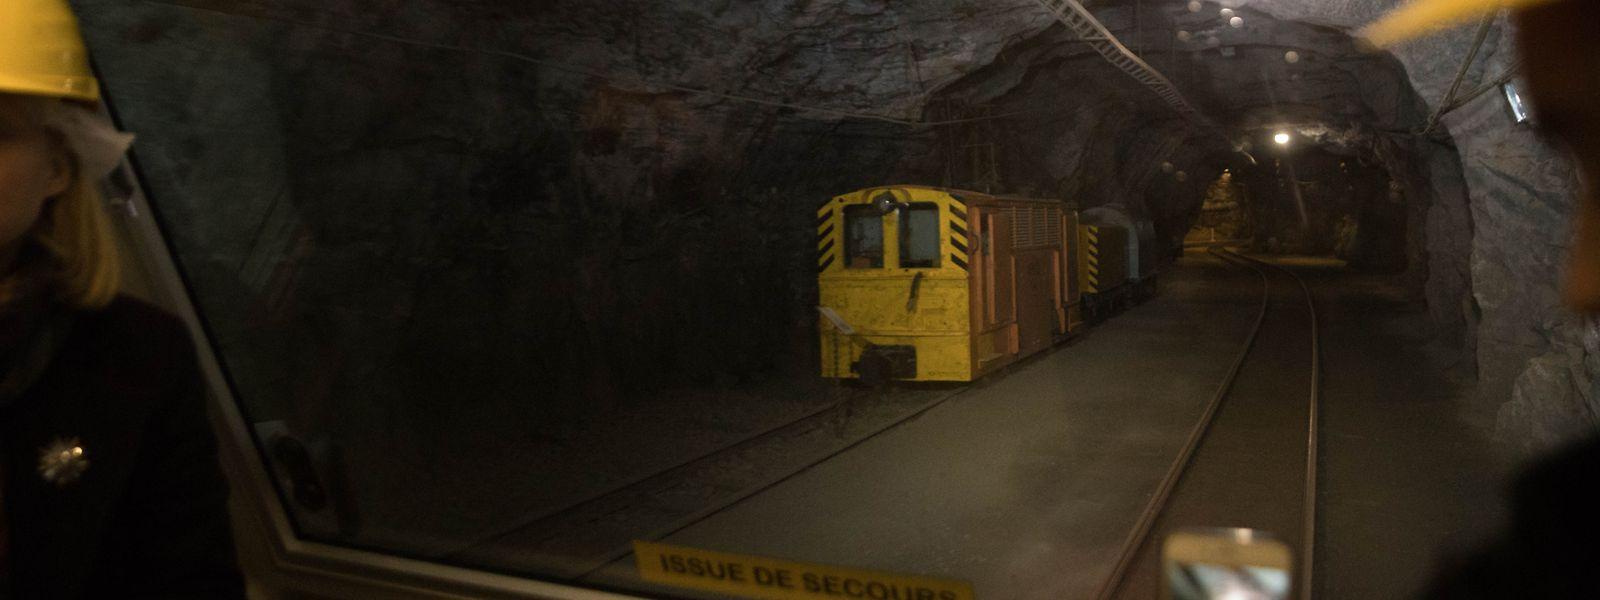 D'avril à août, le public peut découvrir la réalité de la vie des mineurs sur le site du Musée de la Mine de Rumelange.